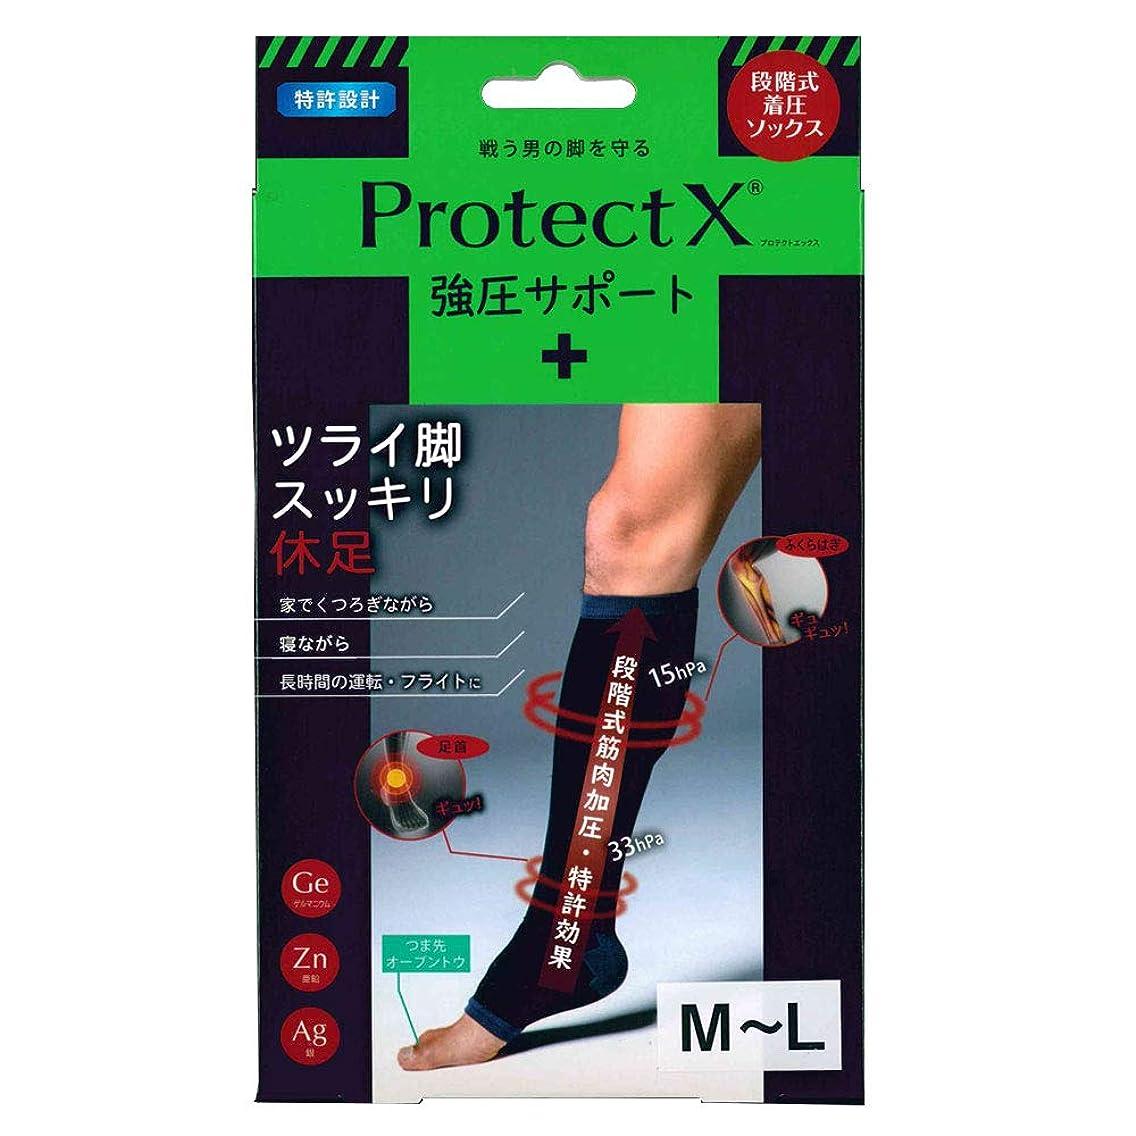 ストライクしなければならない風刺Protect X(プロテクトエックス) 強圧サポート オープントゥ着圧ソックス 膝下 (膝下M-L)